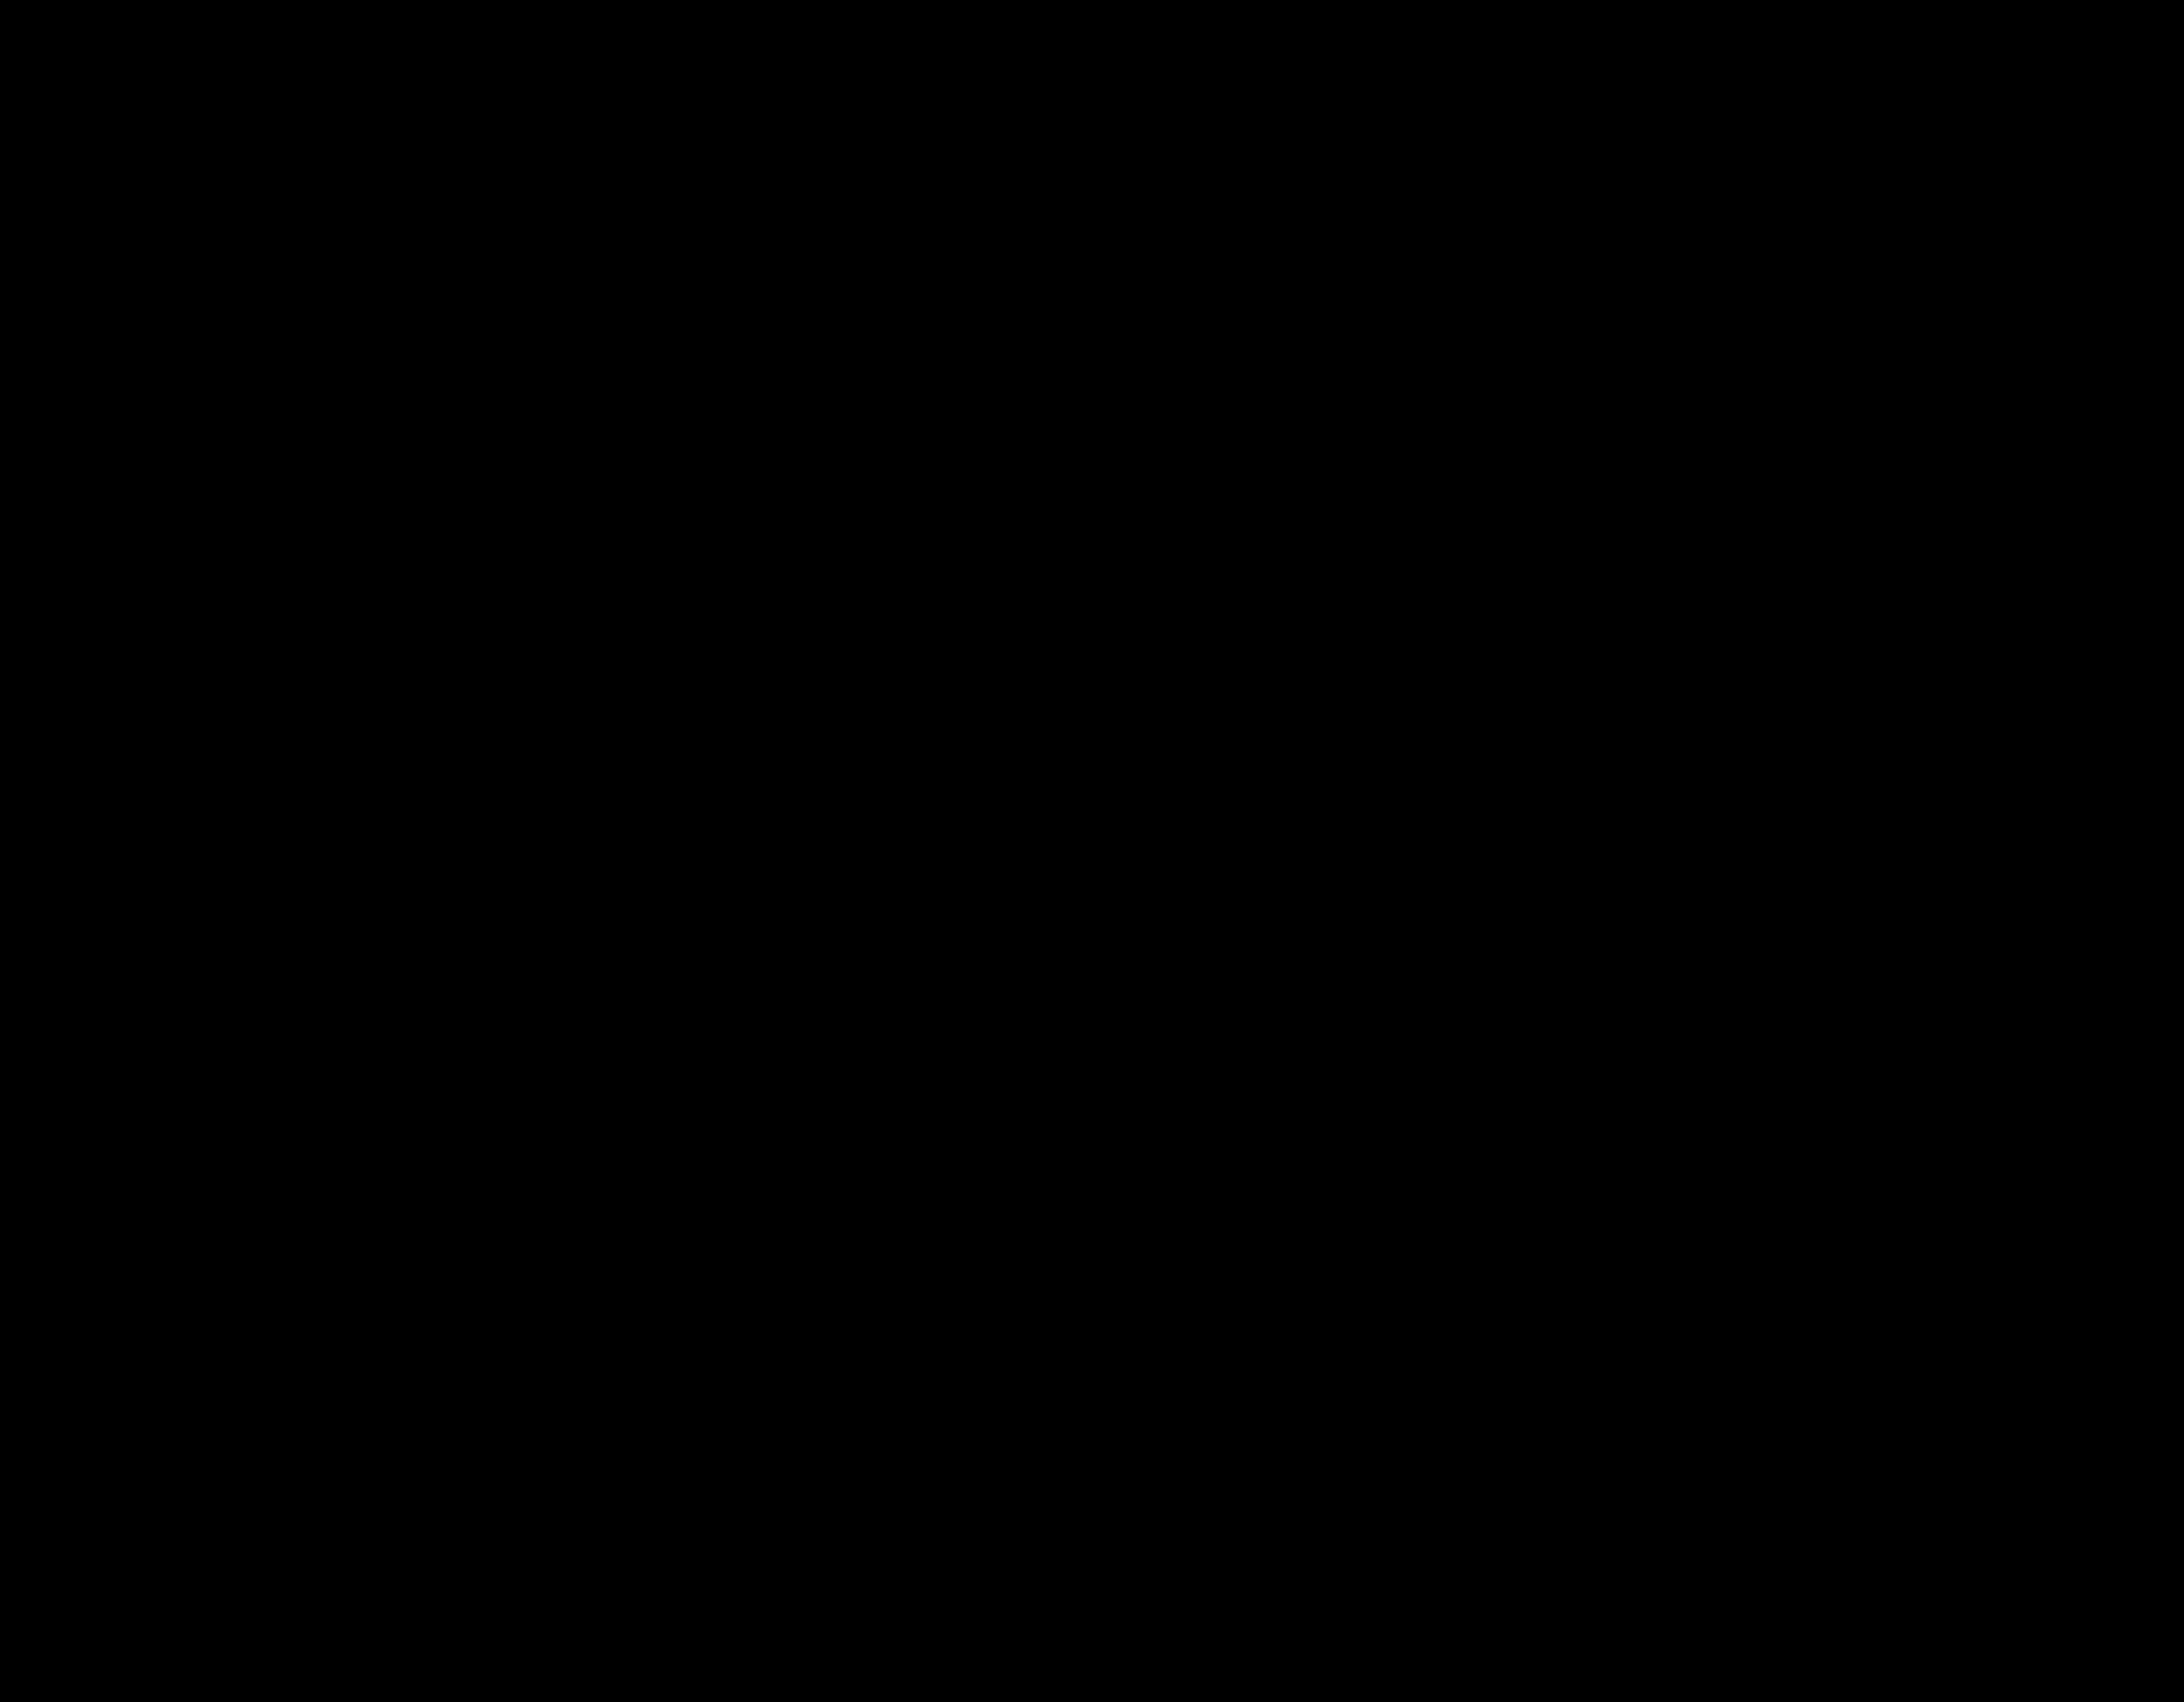 Kitchen Concealed Storage Floor Plan